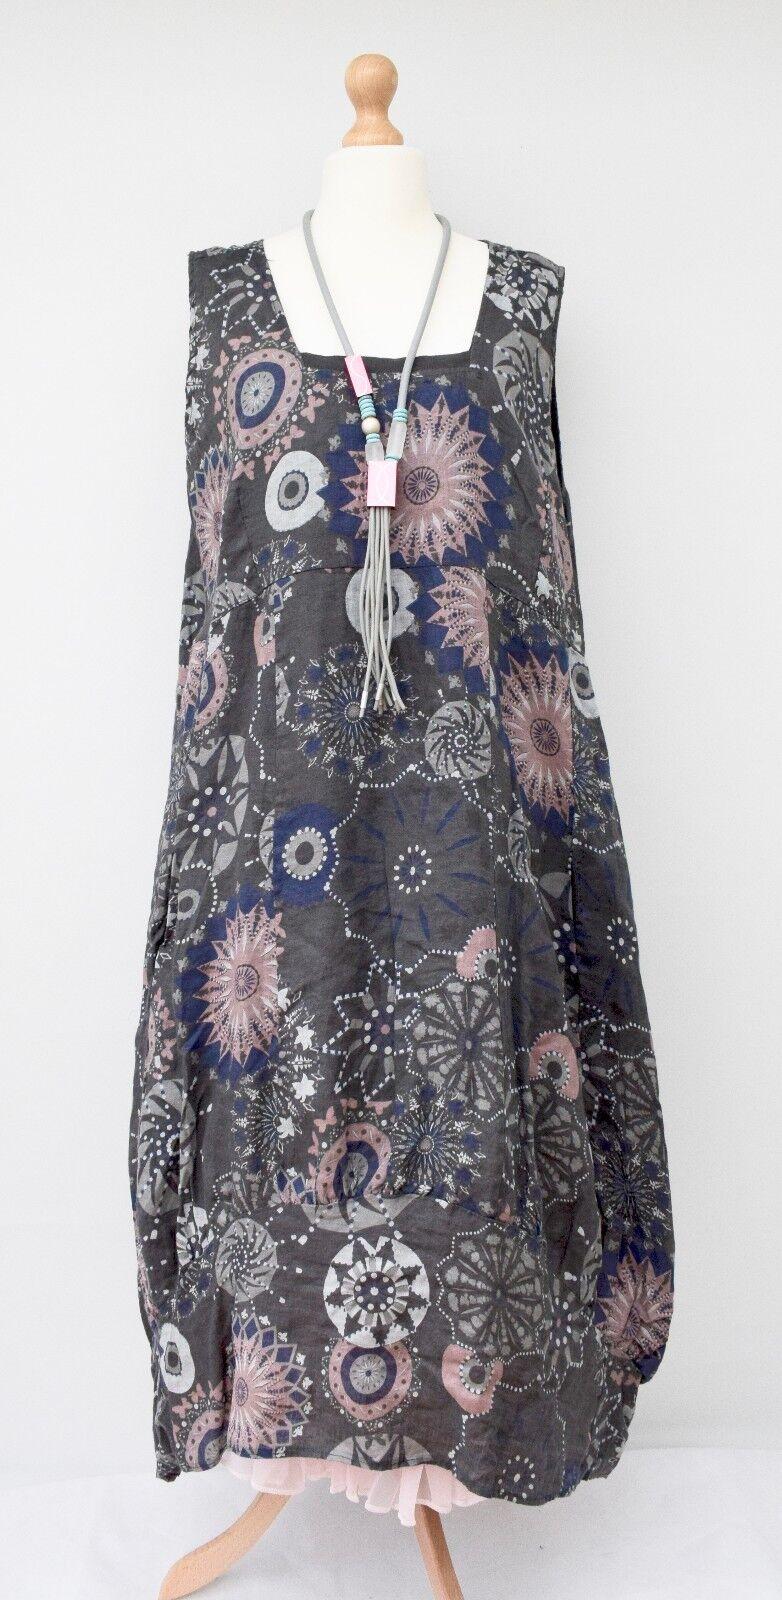 Lagenlook Leinen Übergröße Schöner Aufdruck 2 Taschen Kleid Dunkelgrau